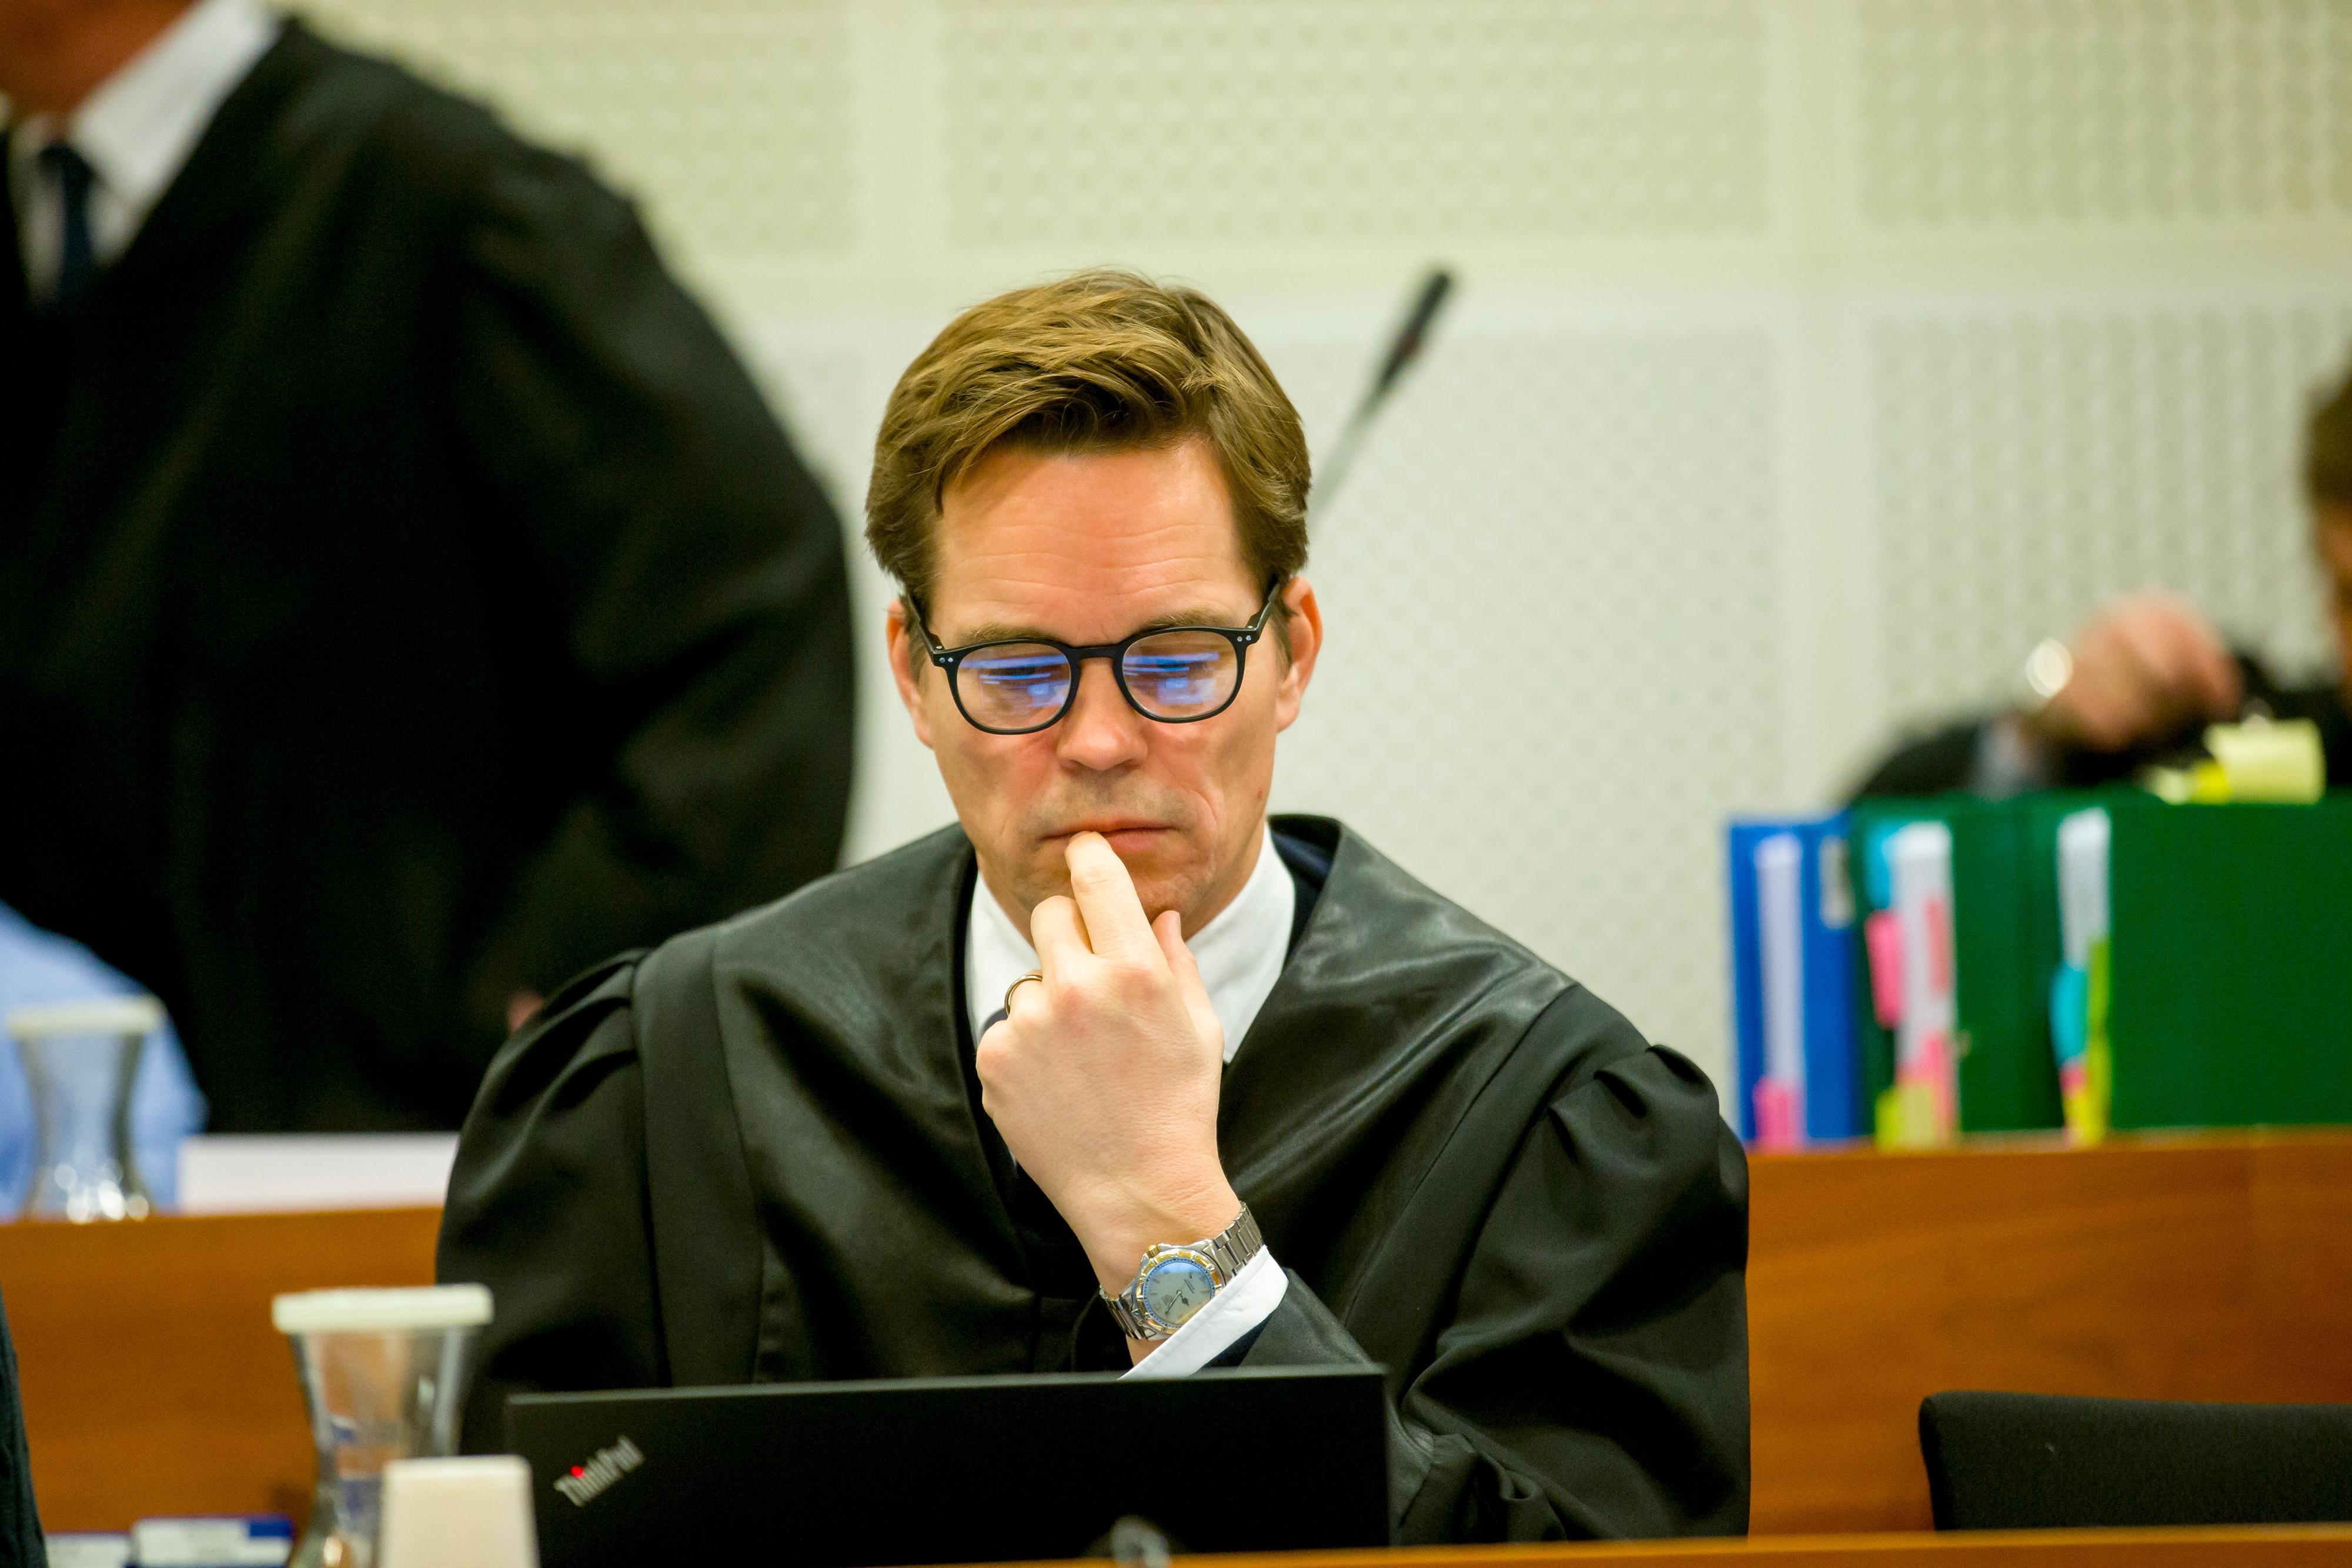 Marius Oscar Dietrichson er leder for Forsvarergruppen i Advokatforeningen. Han stiller seg kritisk til den nye lovendringen.